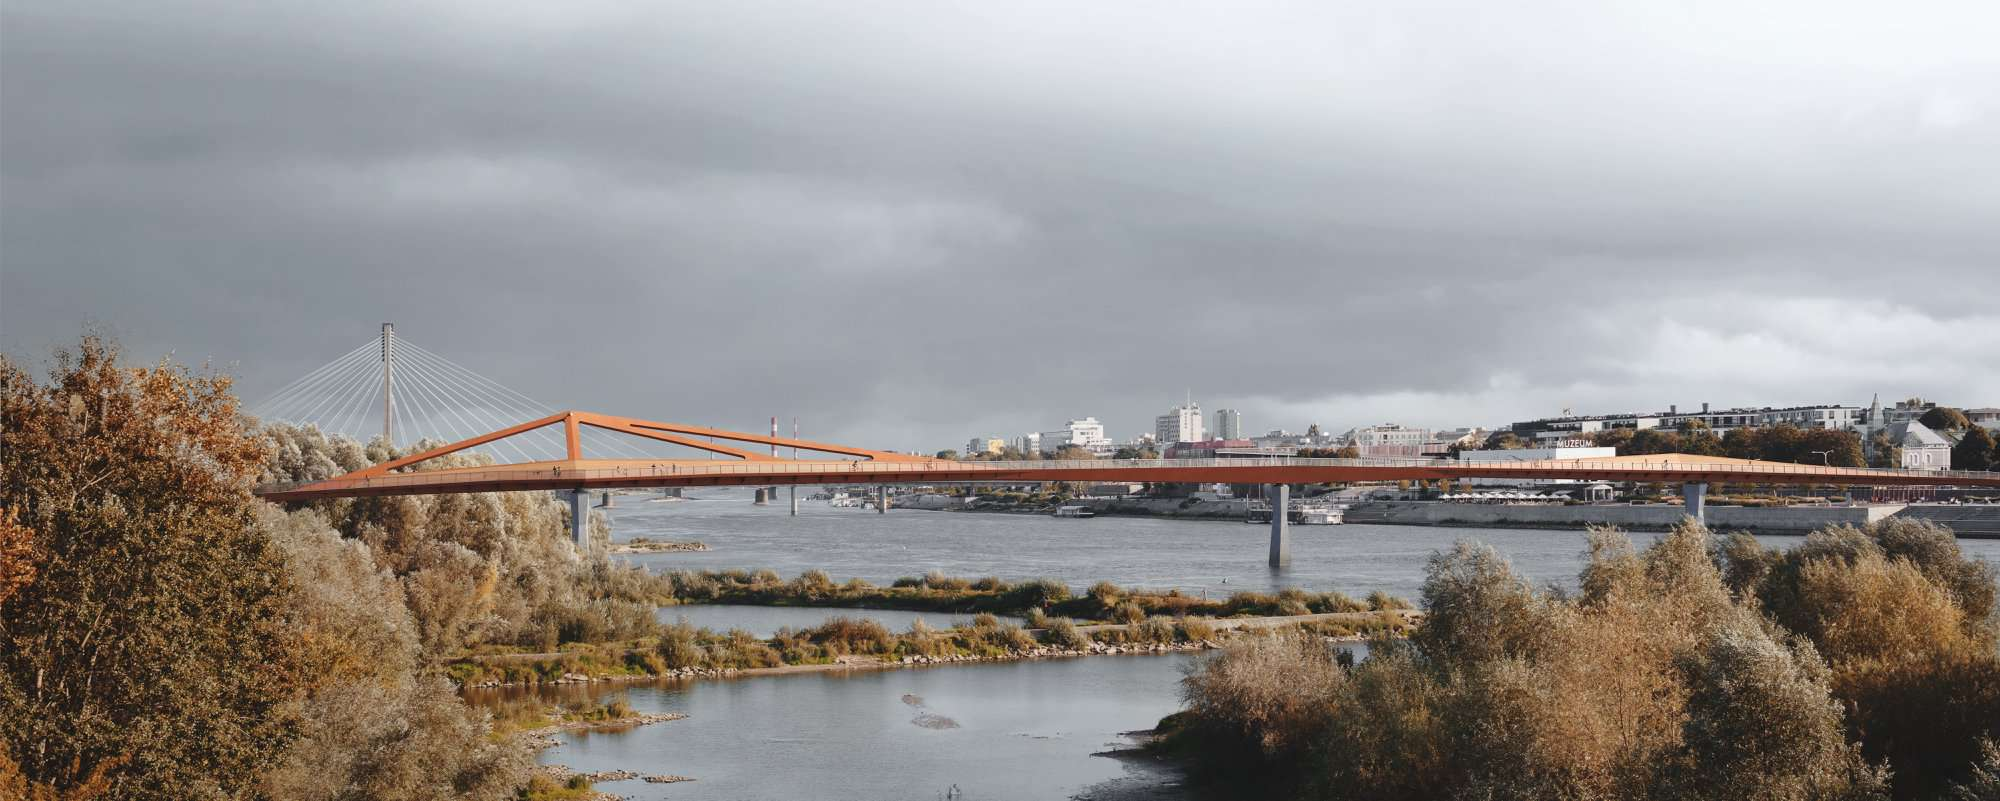 Пешеходный мост через Вислу в Варшаве